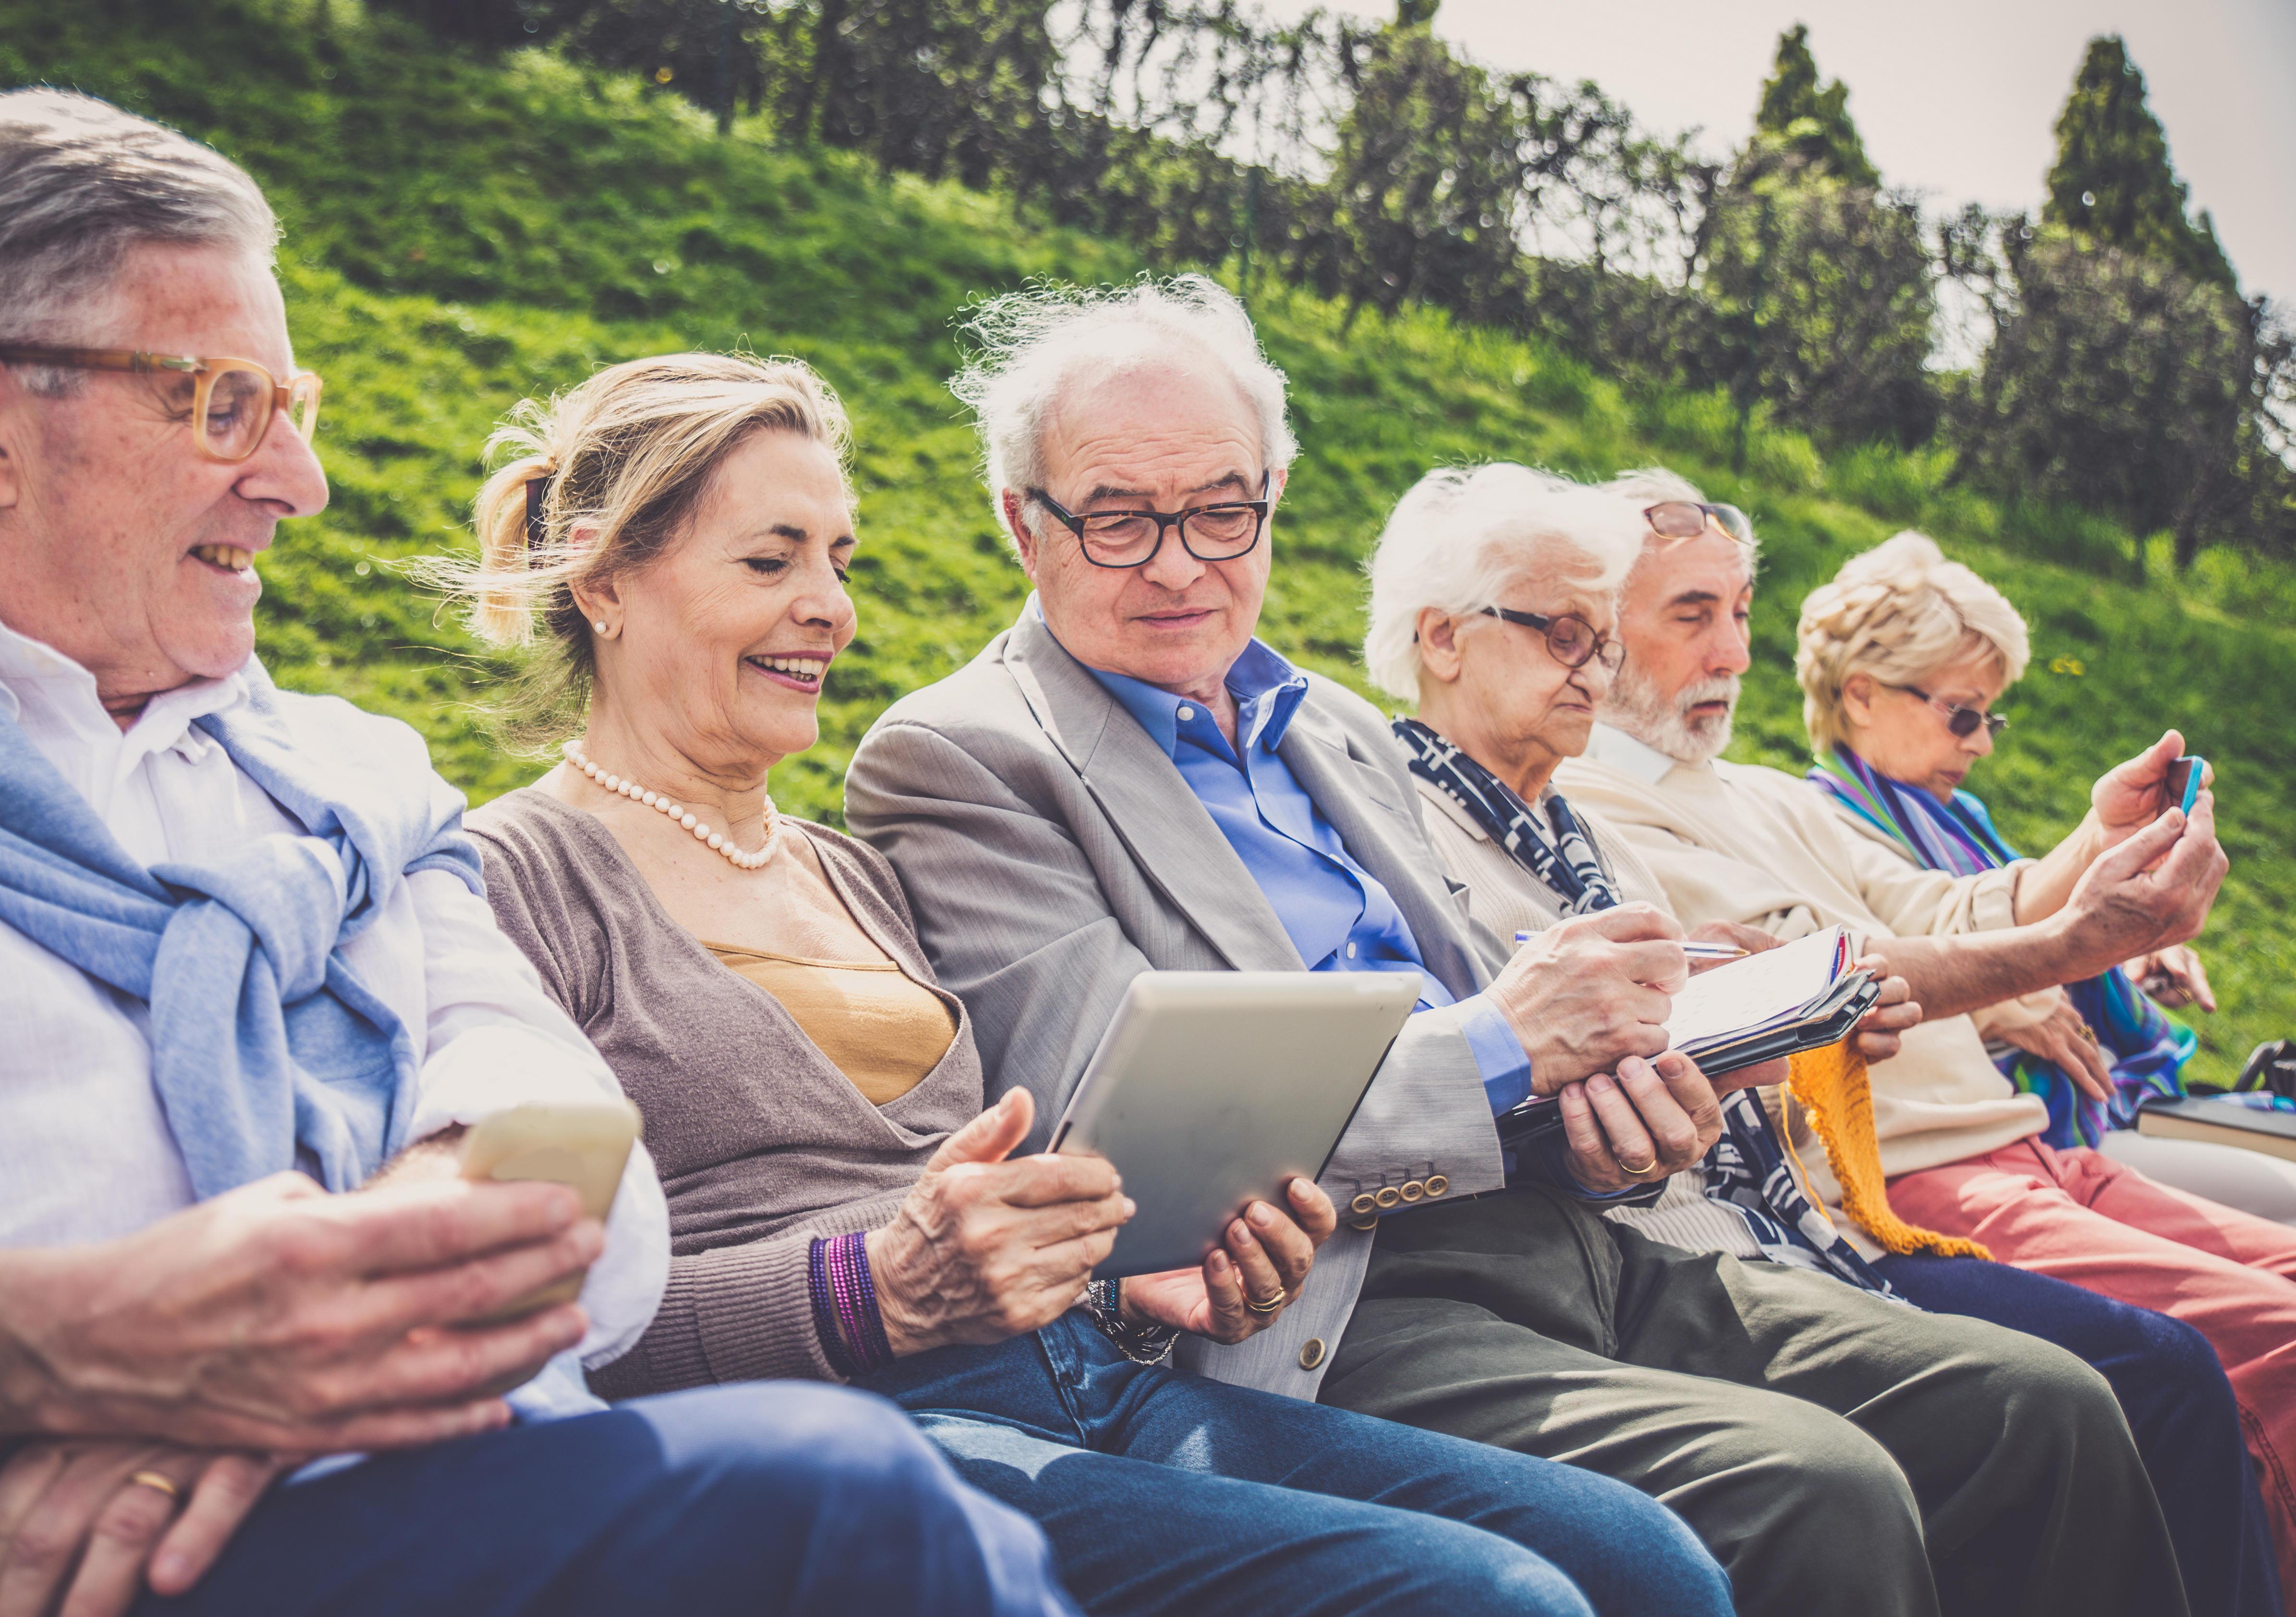 Bilde av eldre mennesker på en benk